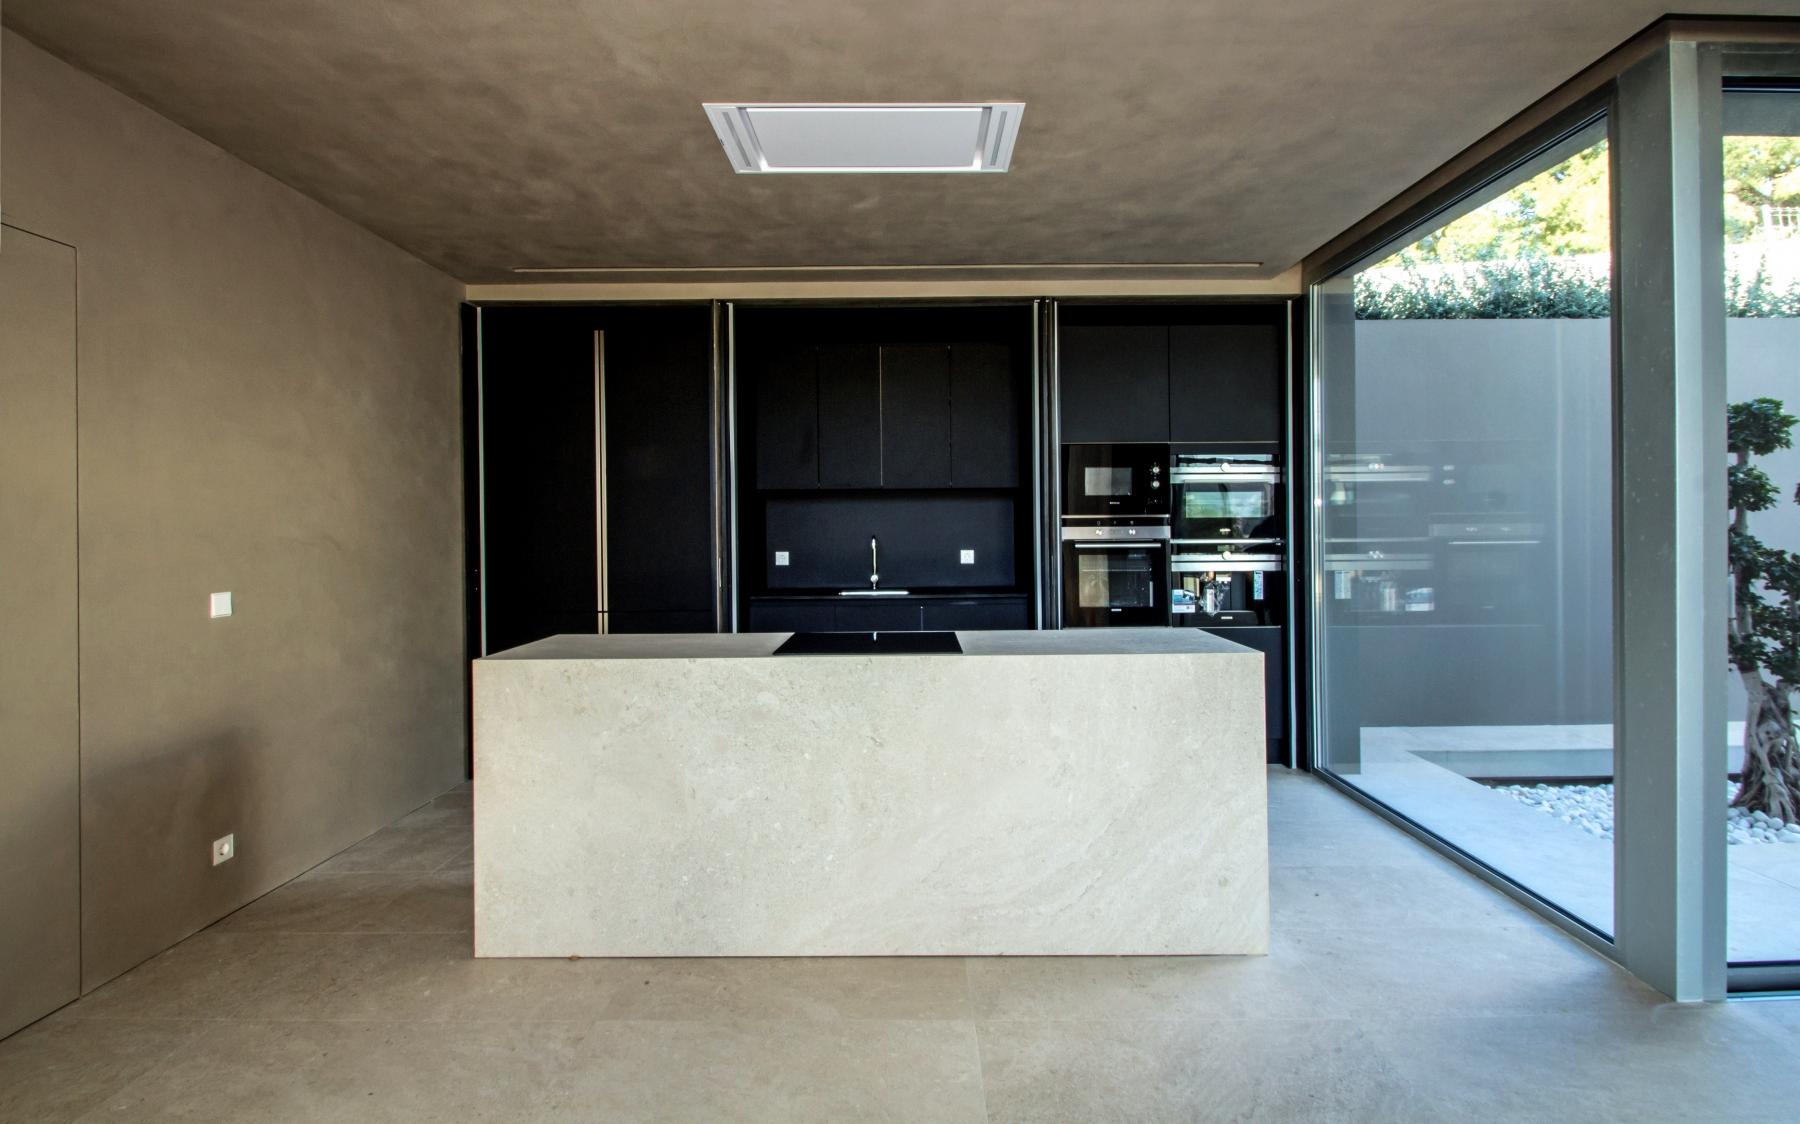 Inalco-maarquitectura-Villa-Caliza_10